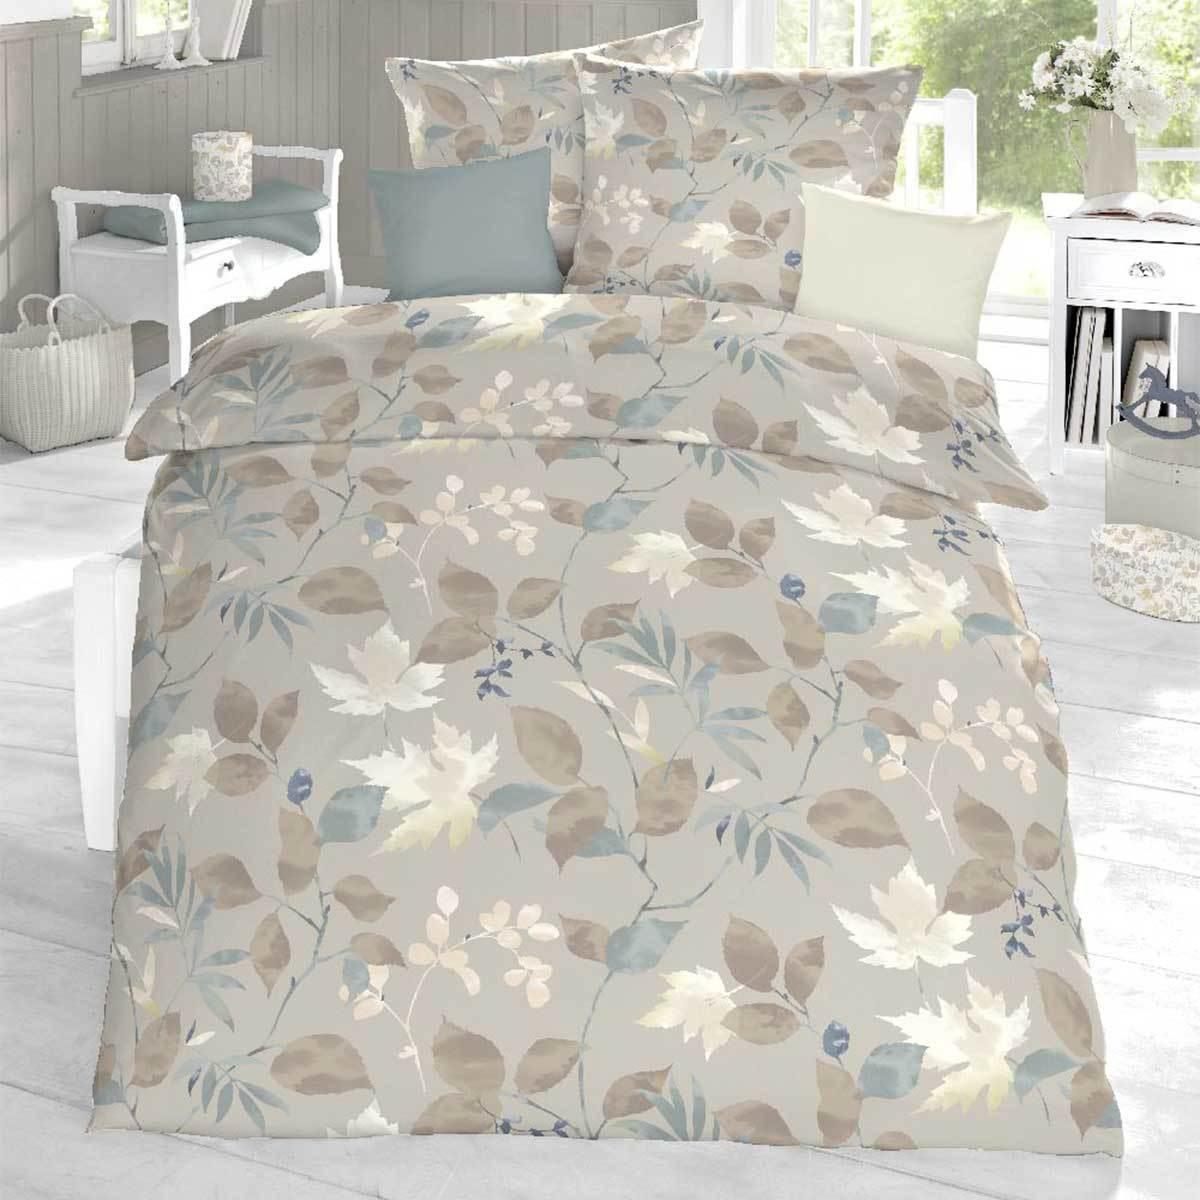 schlafgut soft touch cotton bettw sche cynthia macaron g nstig online kaufen bei bettwaren shop. Black Bedroom Furniture Sets. Home Design Ideas